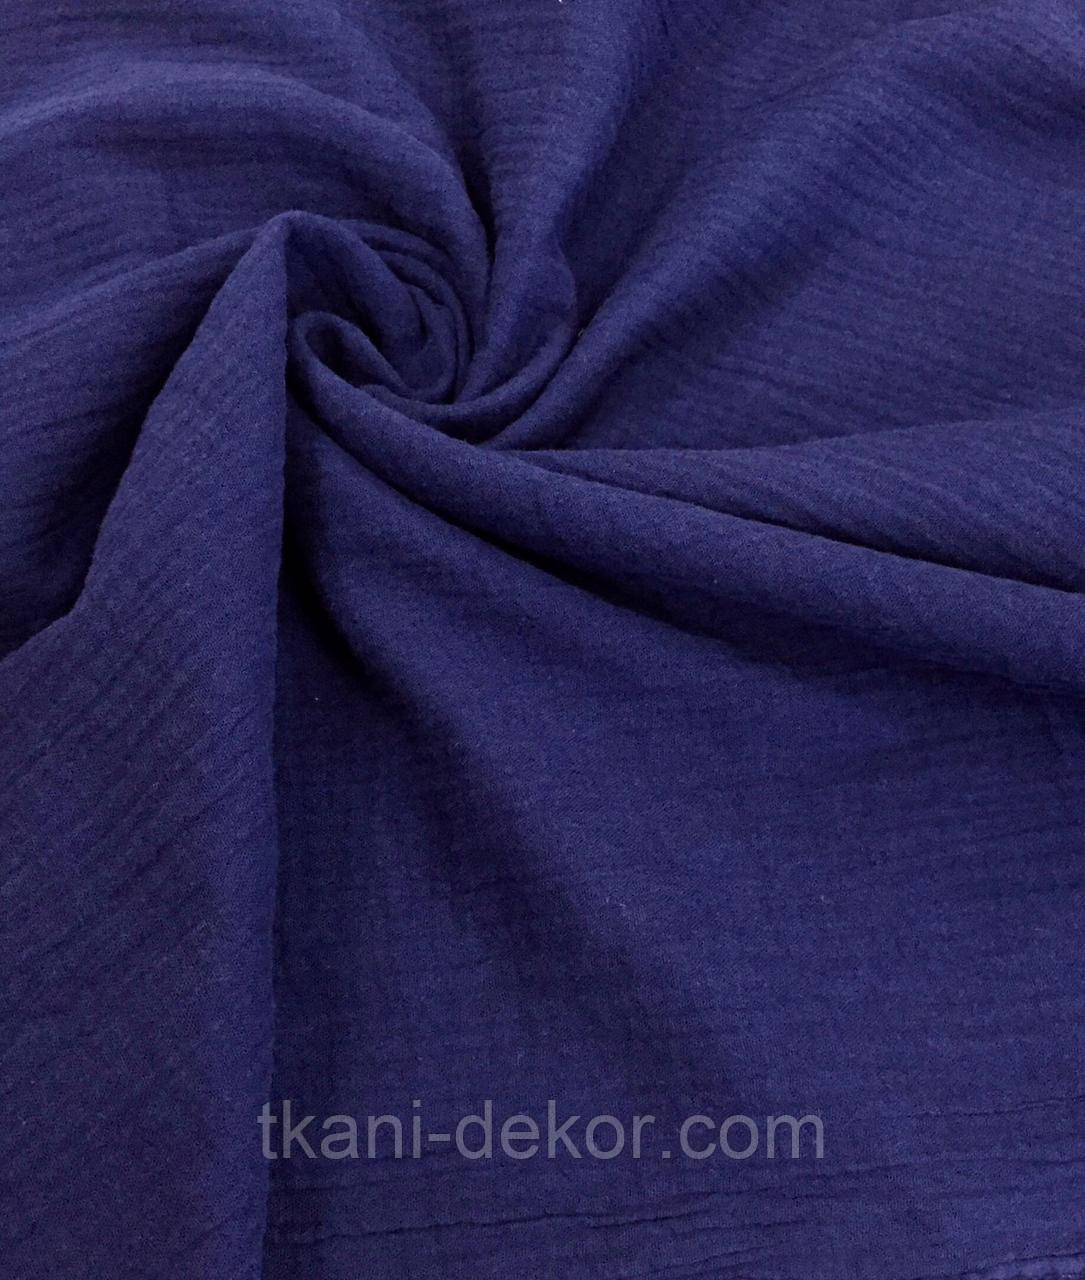 Муслин (хлопковая ткань) жатка темно-синий однотон (ширина 1,35 м)